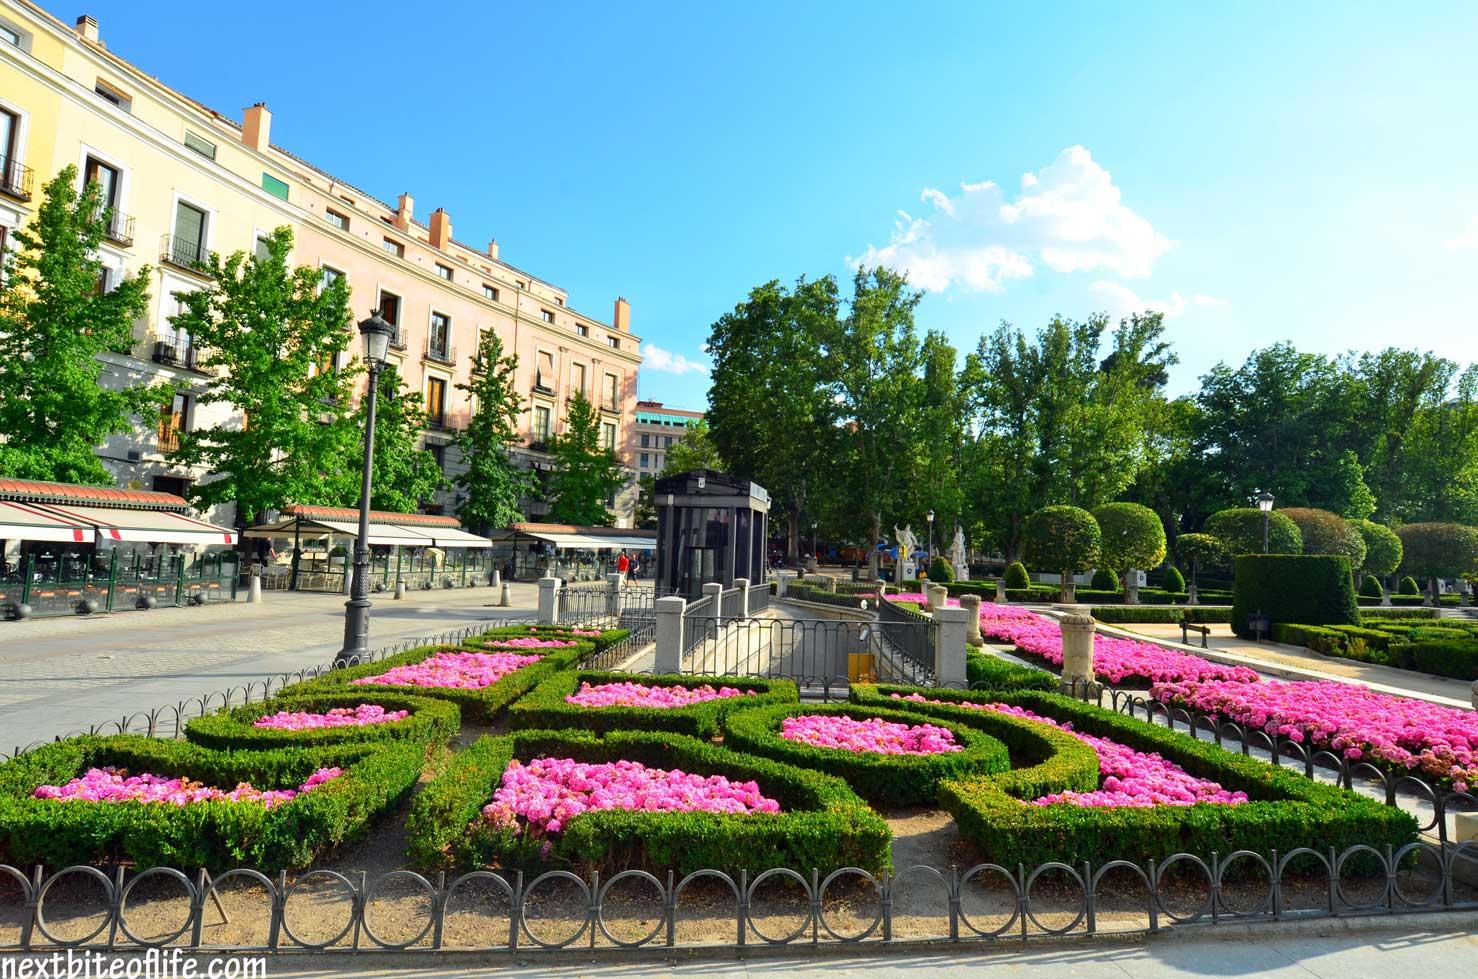 What lovely gardens.